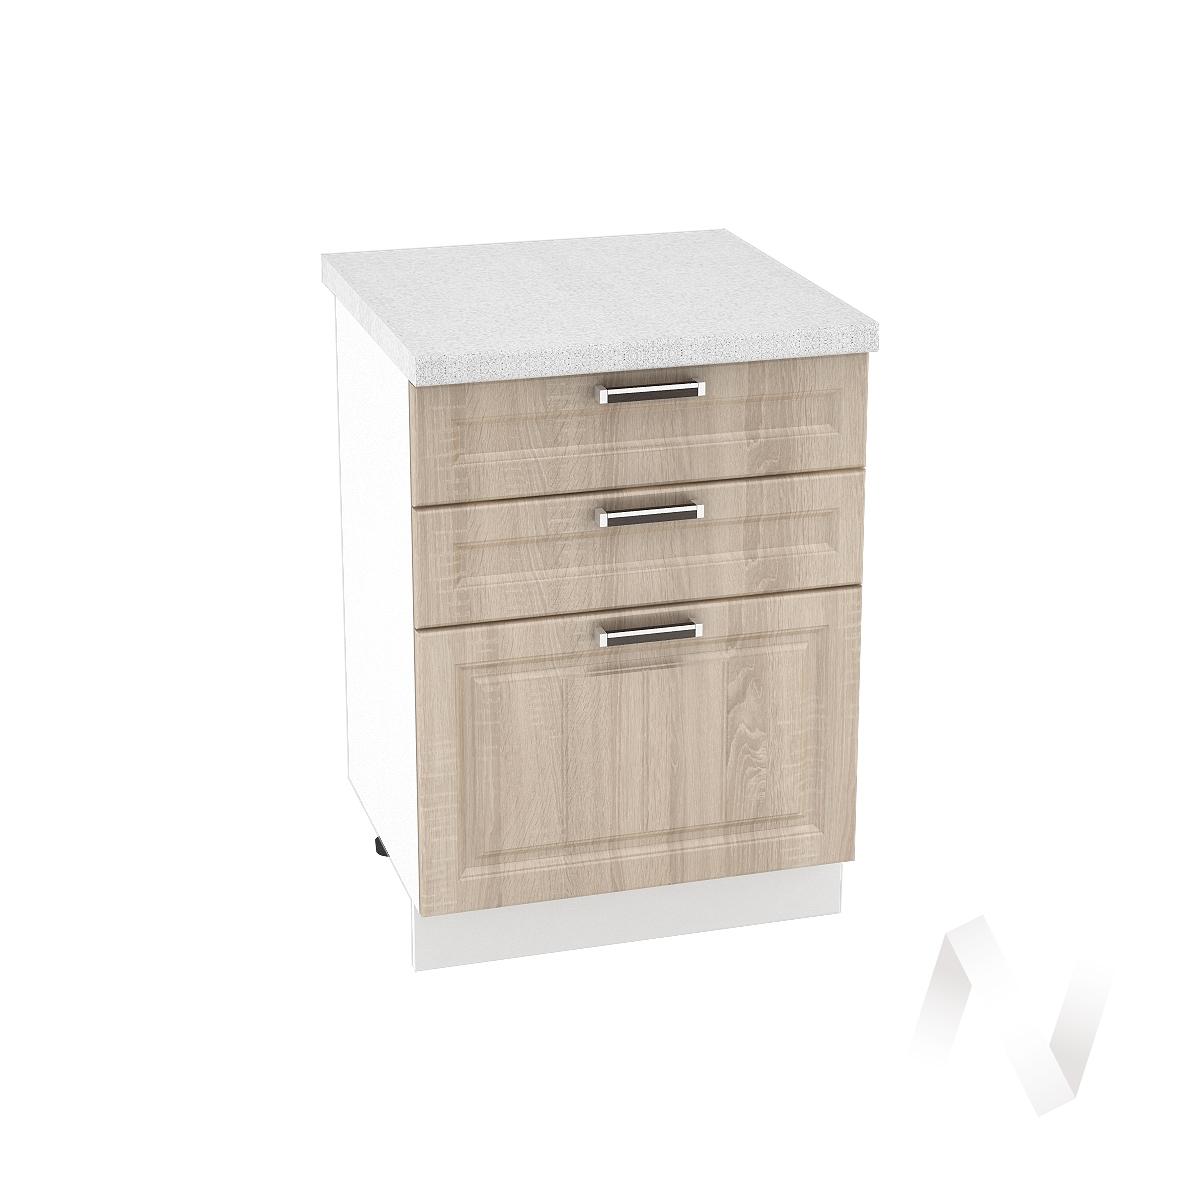 """Купить кухня """"прага"""": шкаф нижний с 3-мя ящиками 600, шн3я 600 (дуб сонома/корпус белый) в Новосибирске в интернет-магазине Мебель плюс Техника"""